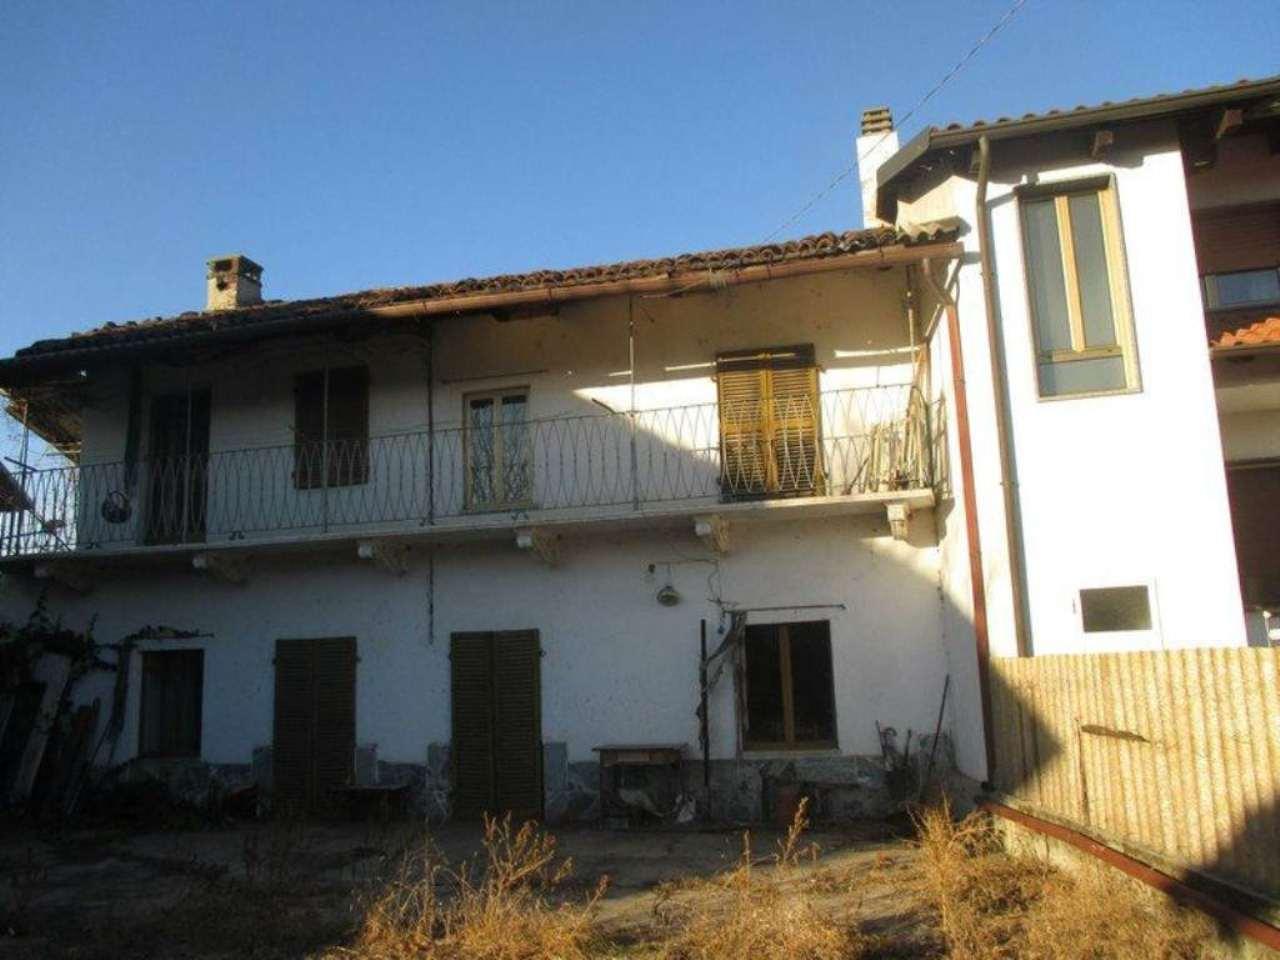 Rustico / Casale in vendita a Verolengo, 6 locali, prezzo € 110.000 | Cambio Casa.it